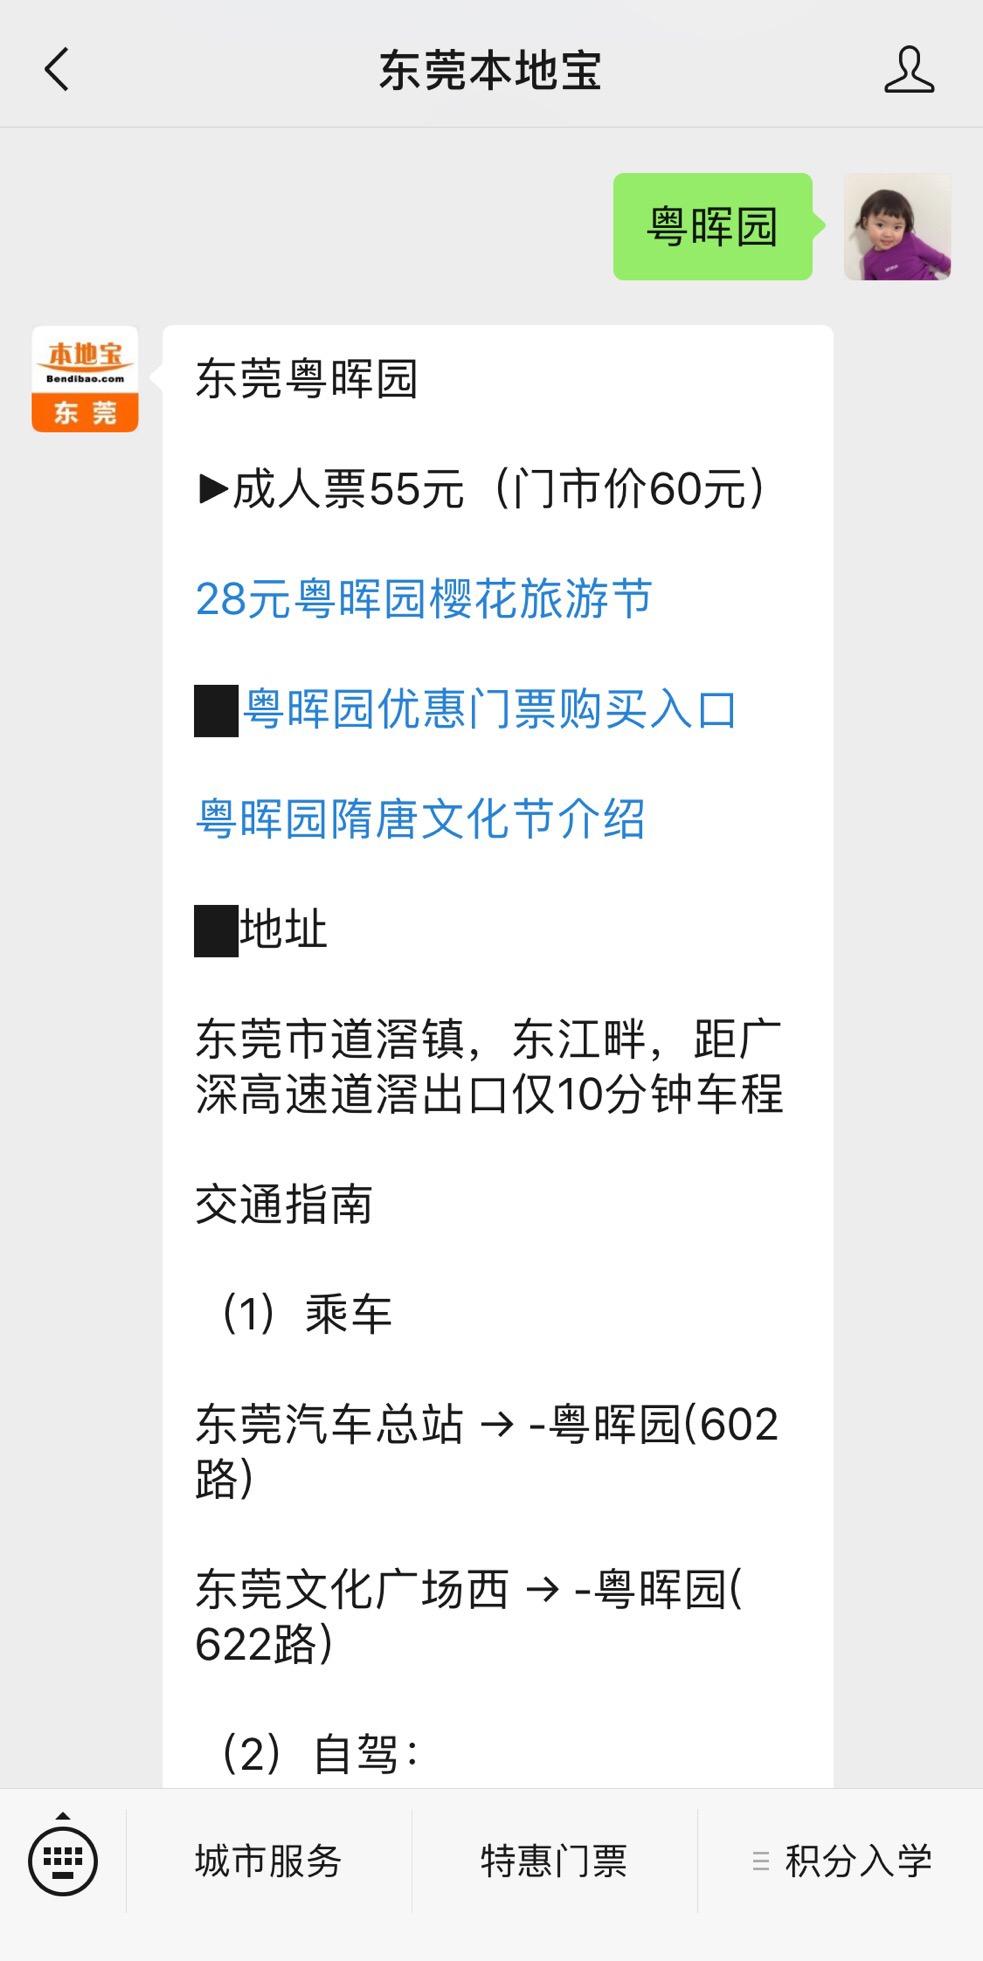 2019东莞粤晖园樱花节交通路线